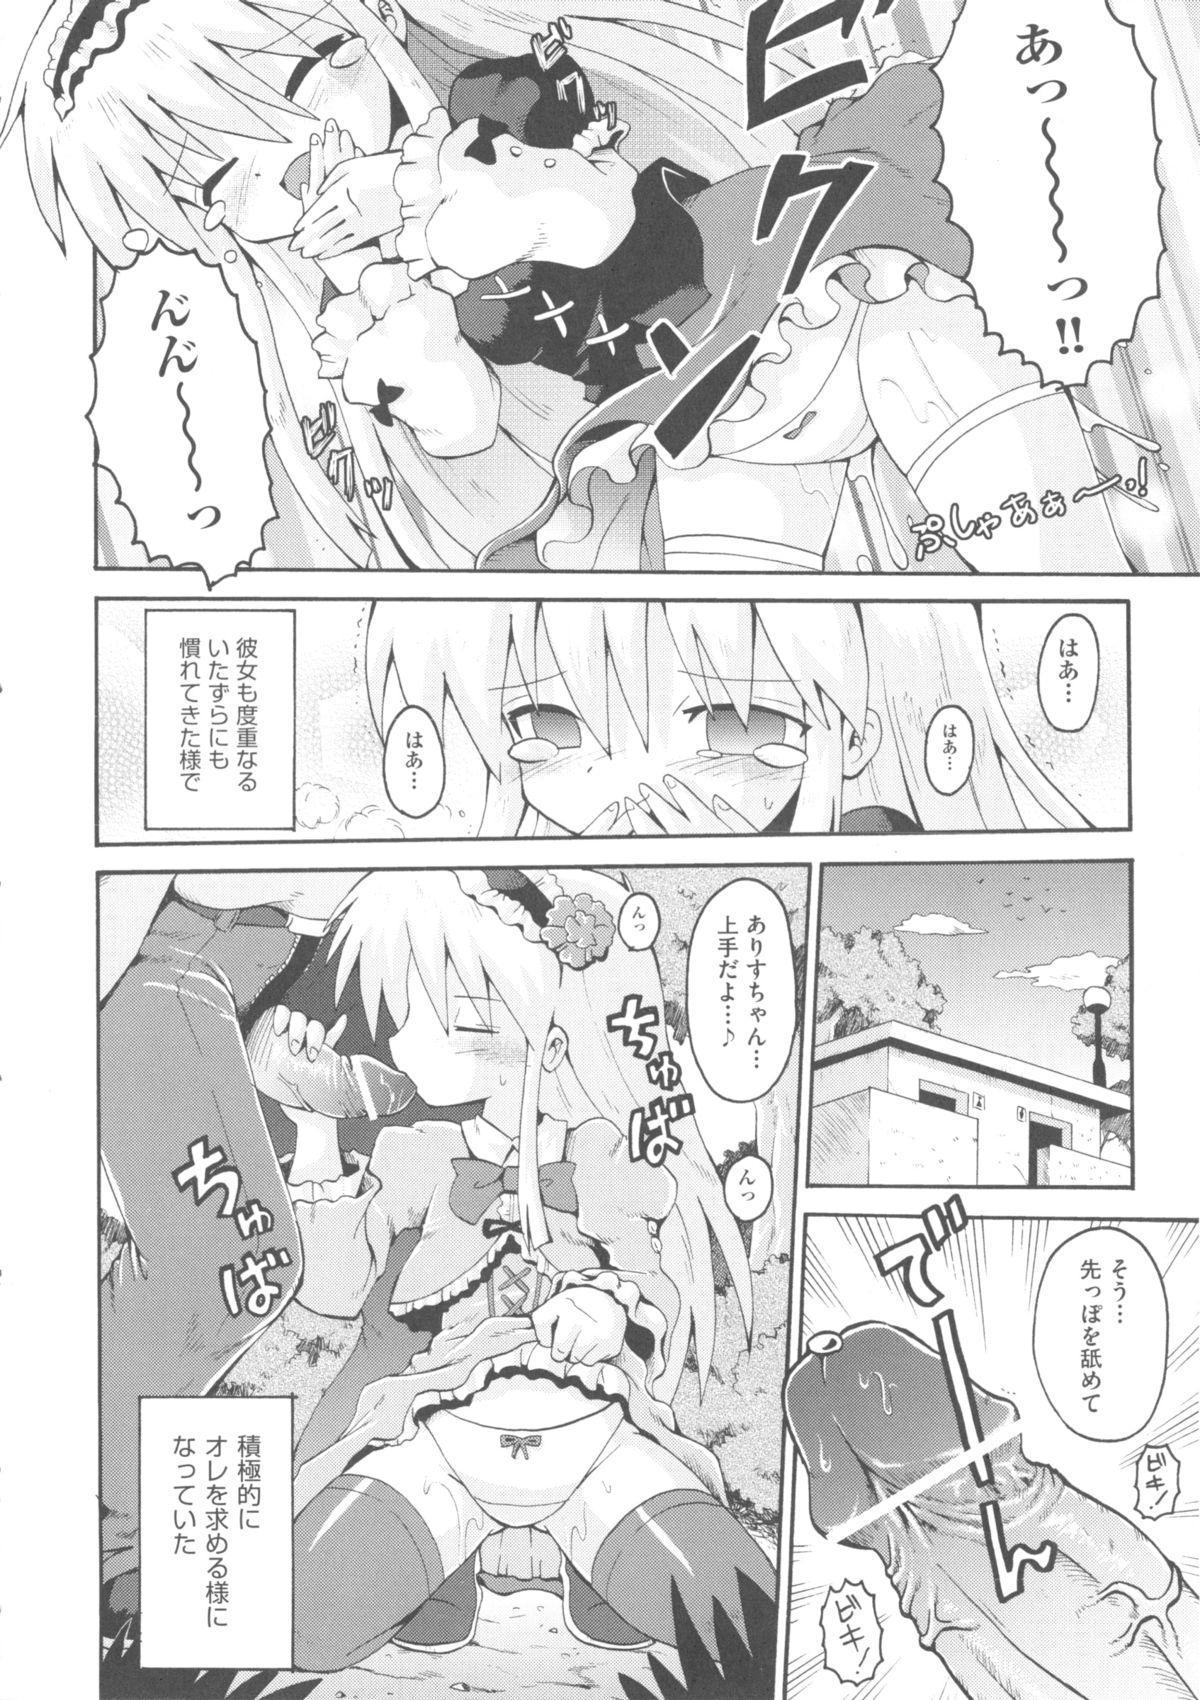 Comic Ino. 04 39